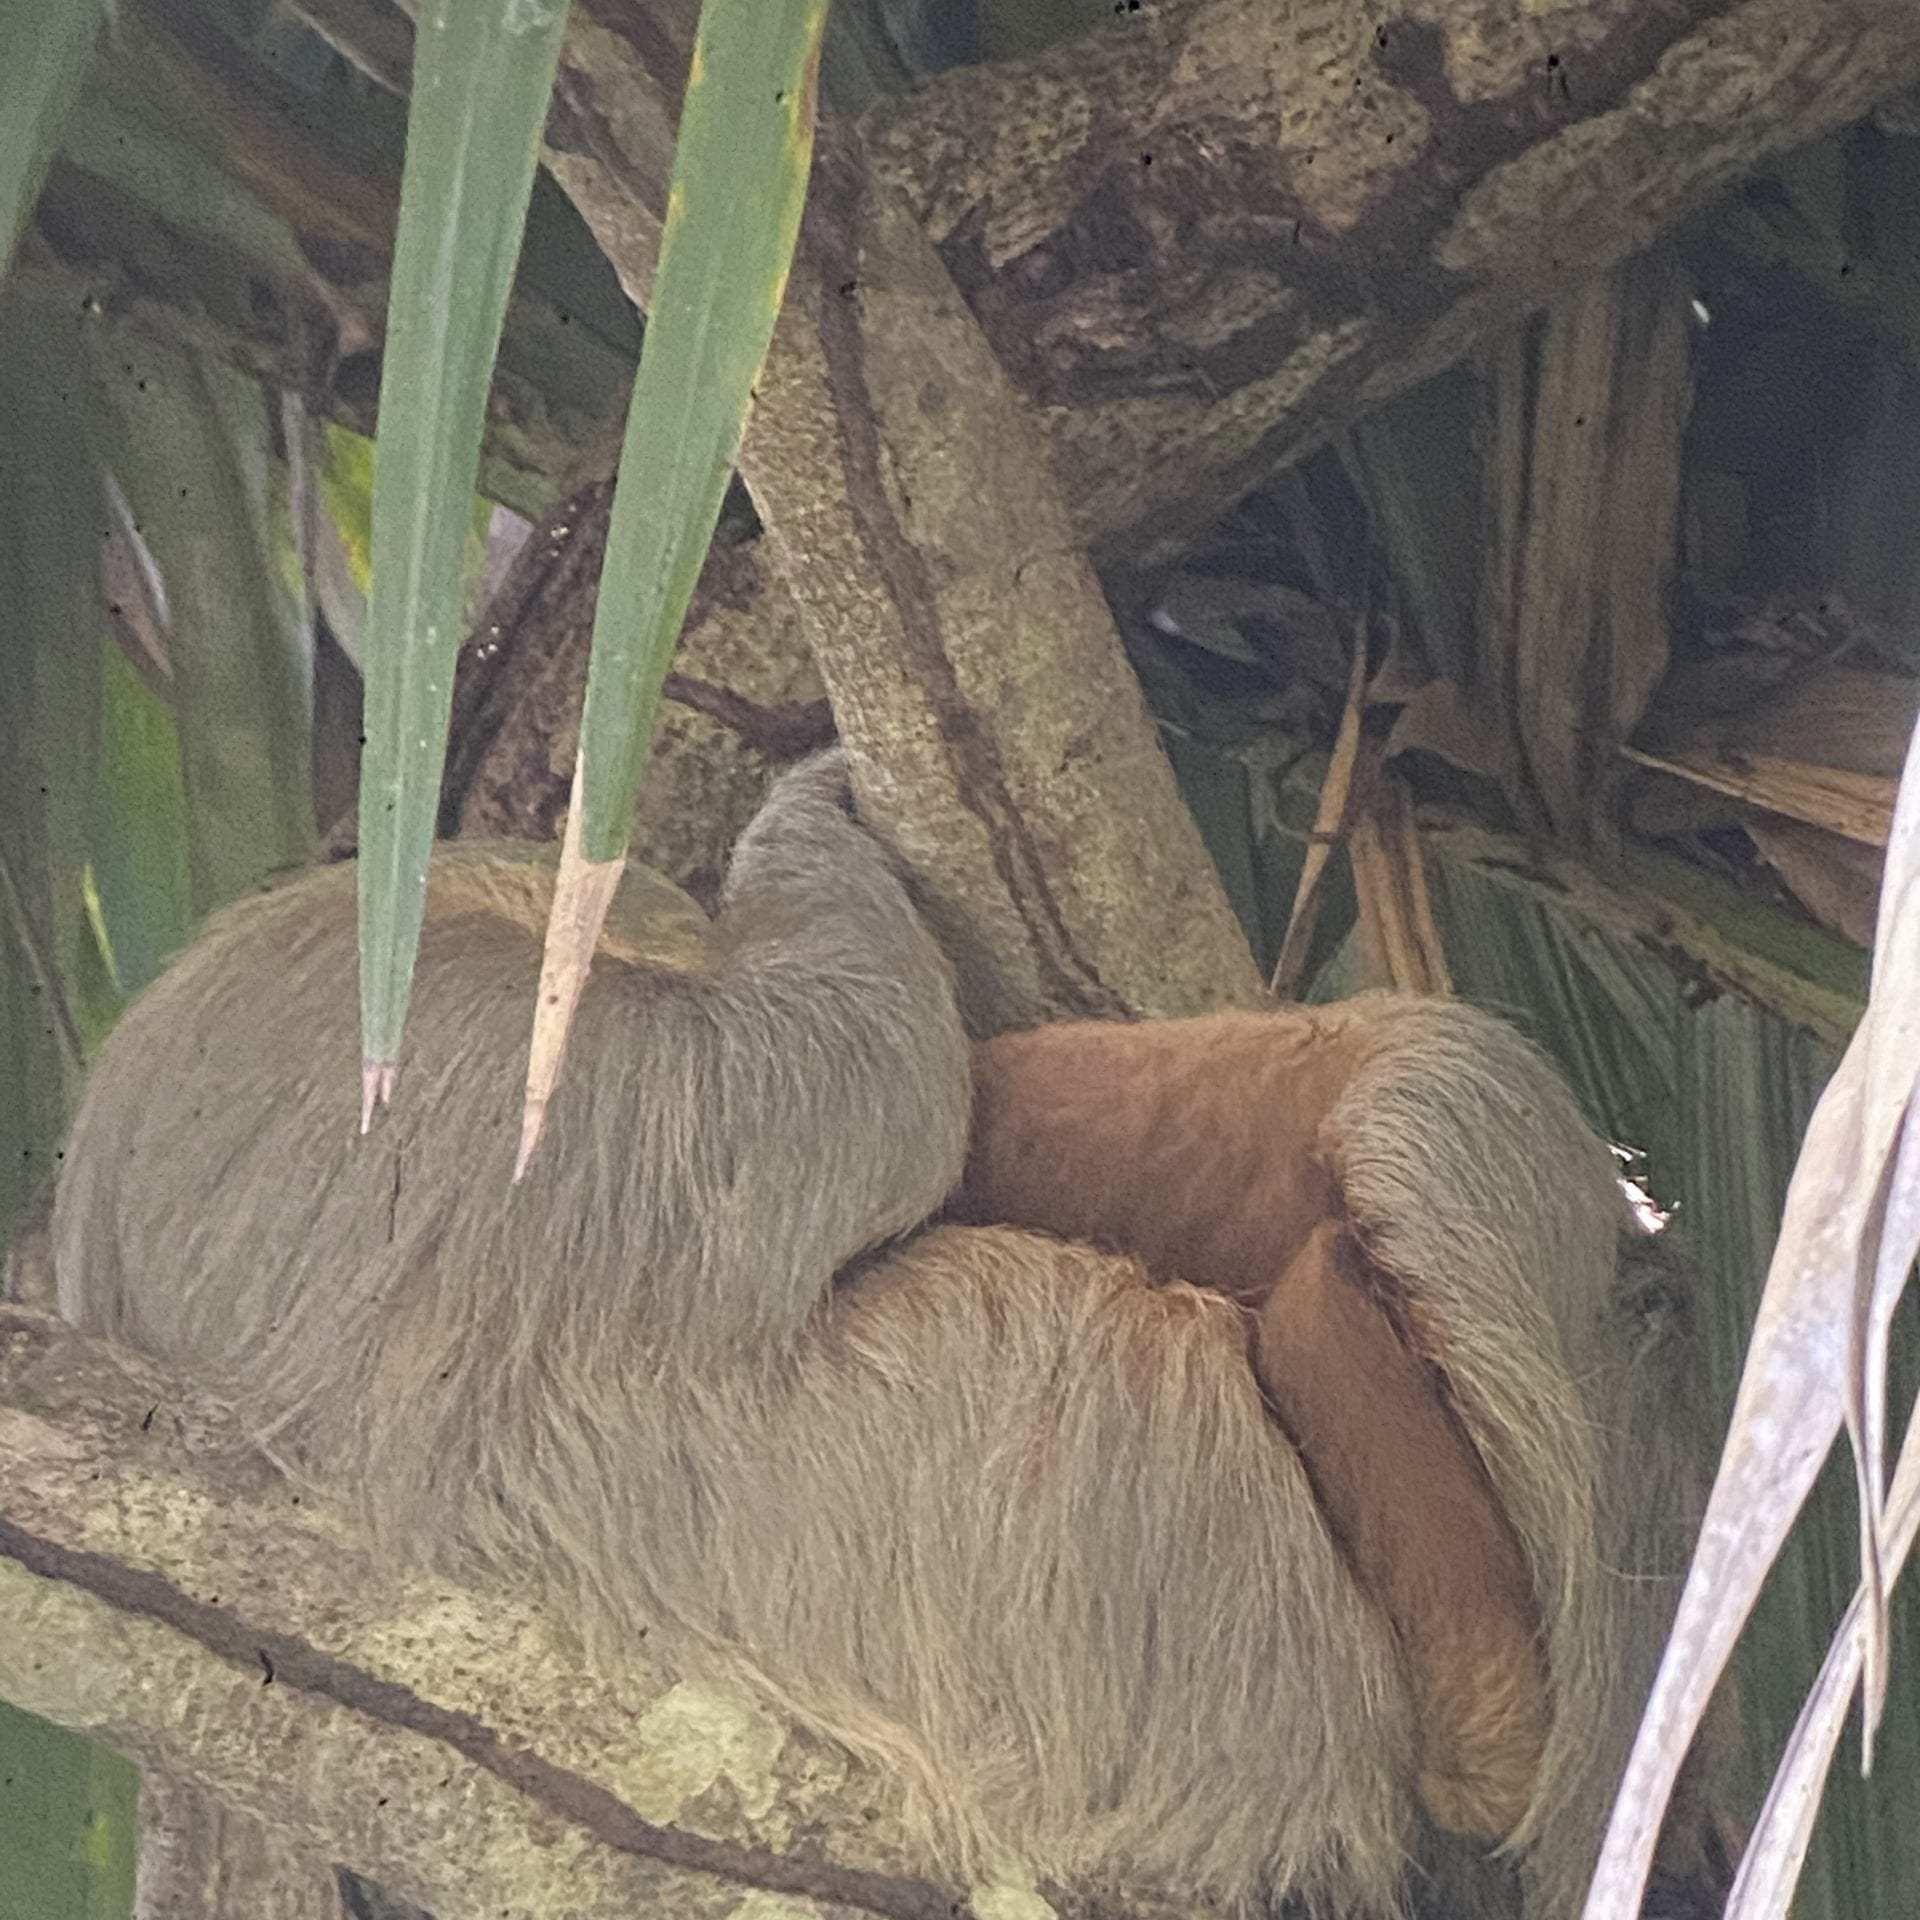 Animals in Manuel Antonio National Park